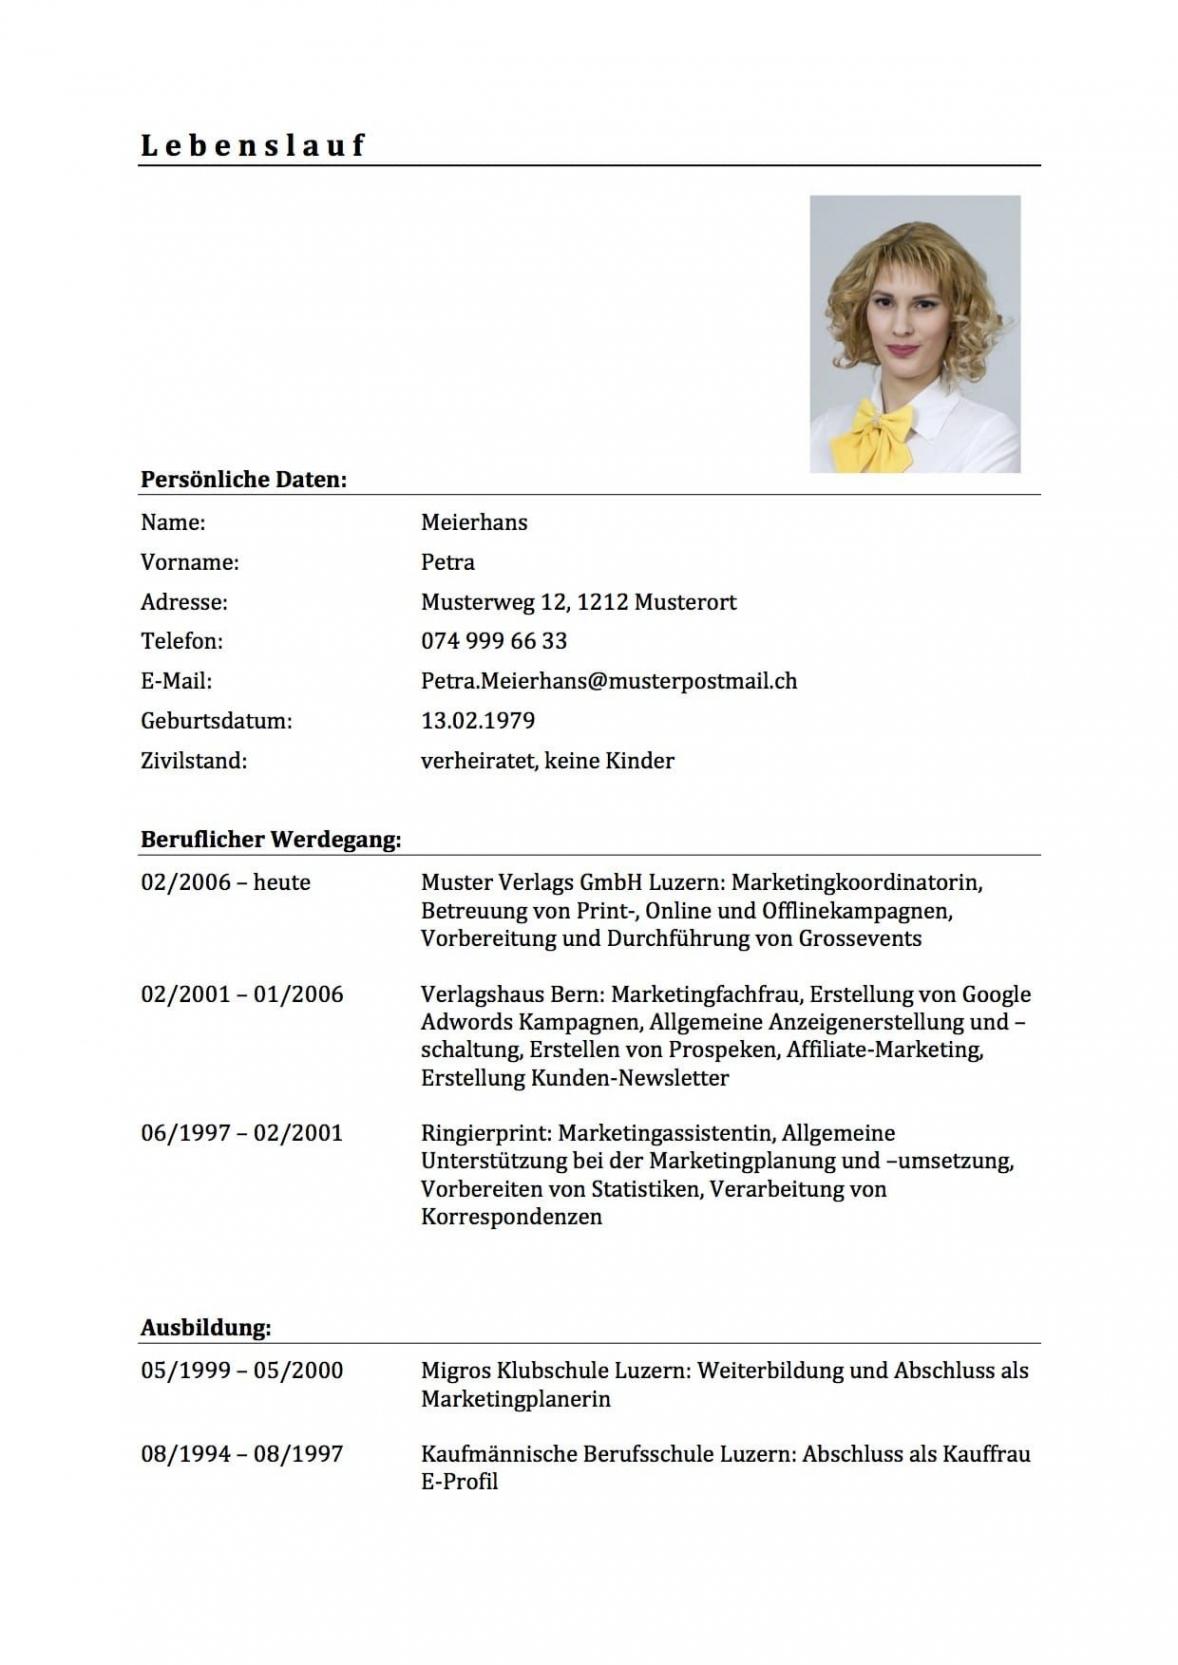 Klassischer Lebenslauf Muster  Bewerbungsschreiben Guter Lebenslauf Vorlage Schweiz